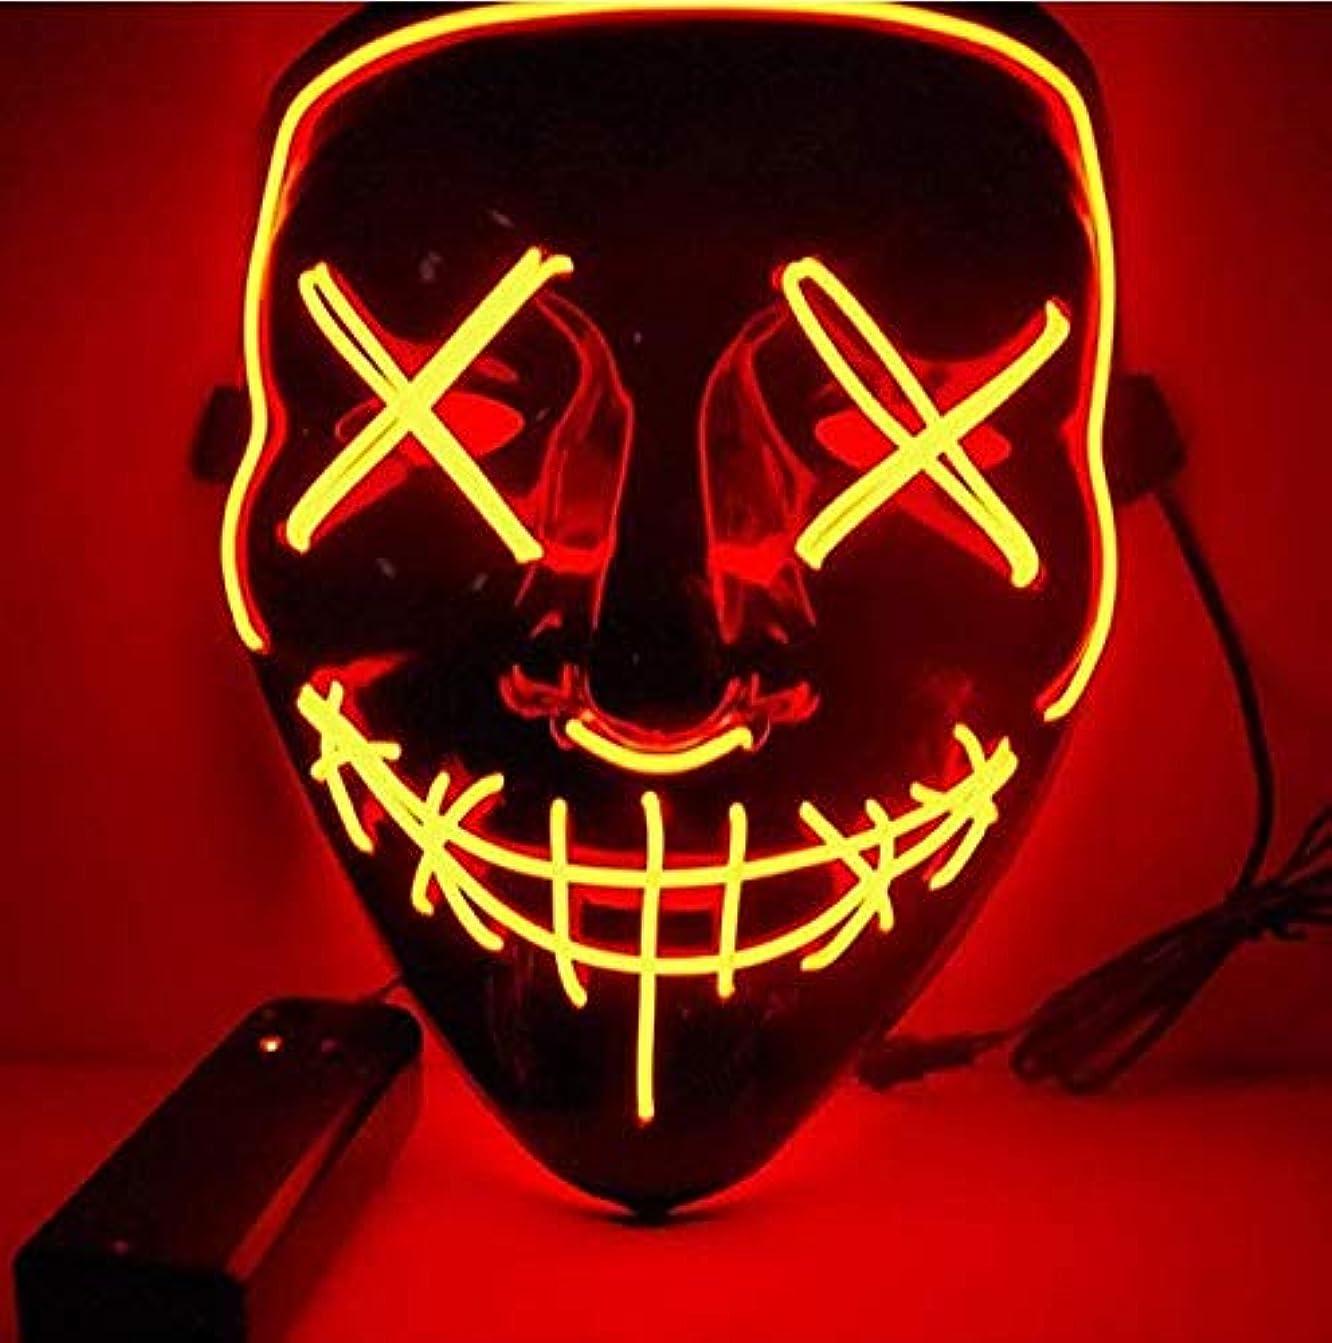 あえぎテレビ贅沢なハロウィンマスクLEDライトアップパーティーマスクコスプレコスチュームサプライ暗闇で光る (Color : ROSE RED)